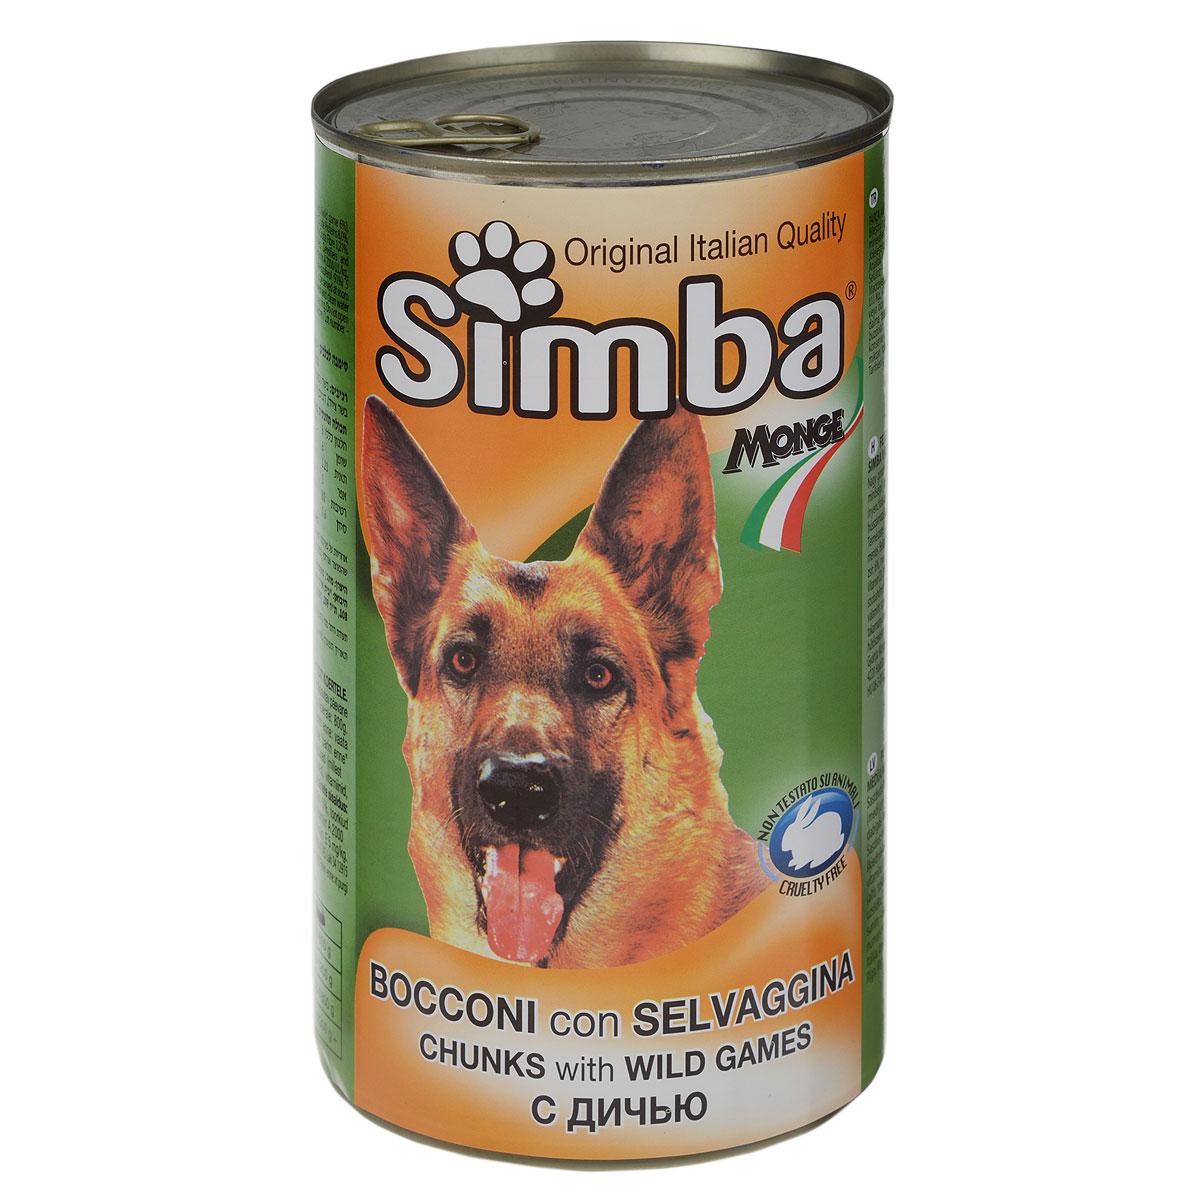 Консервы для собак Monge Simba, кусочки с дичью, 1230 г